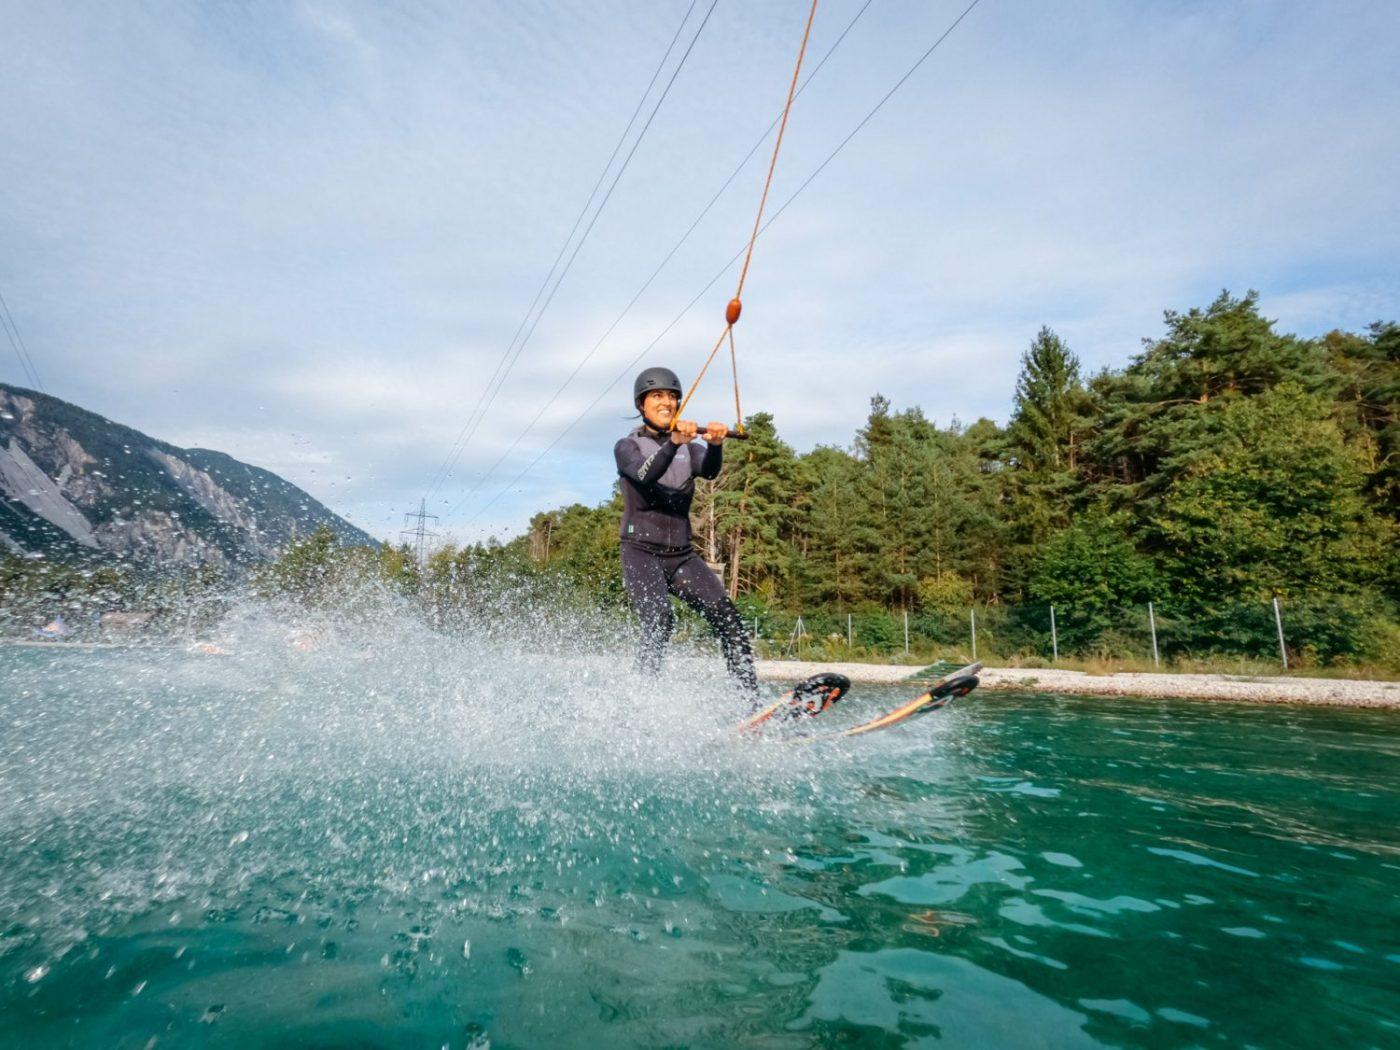 Wasserski fahren in Tirol, Österreich